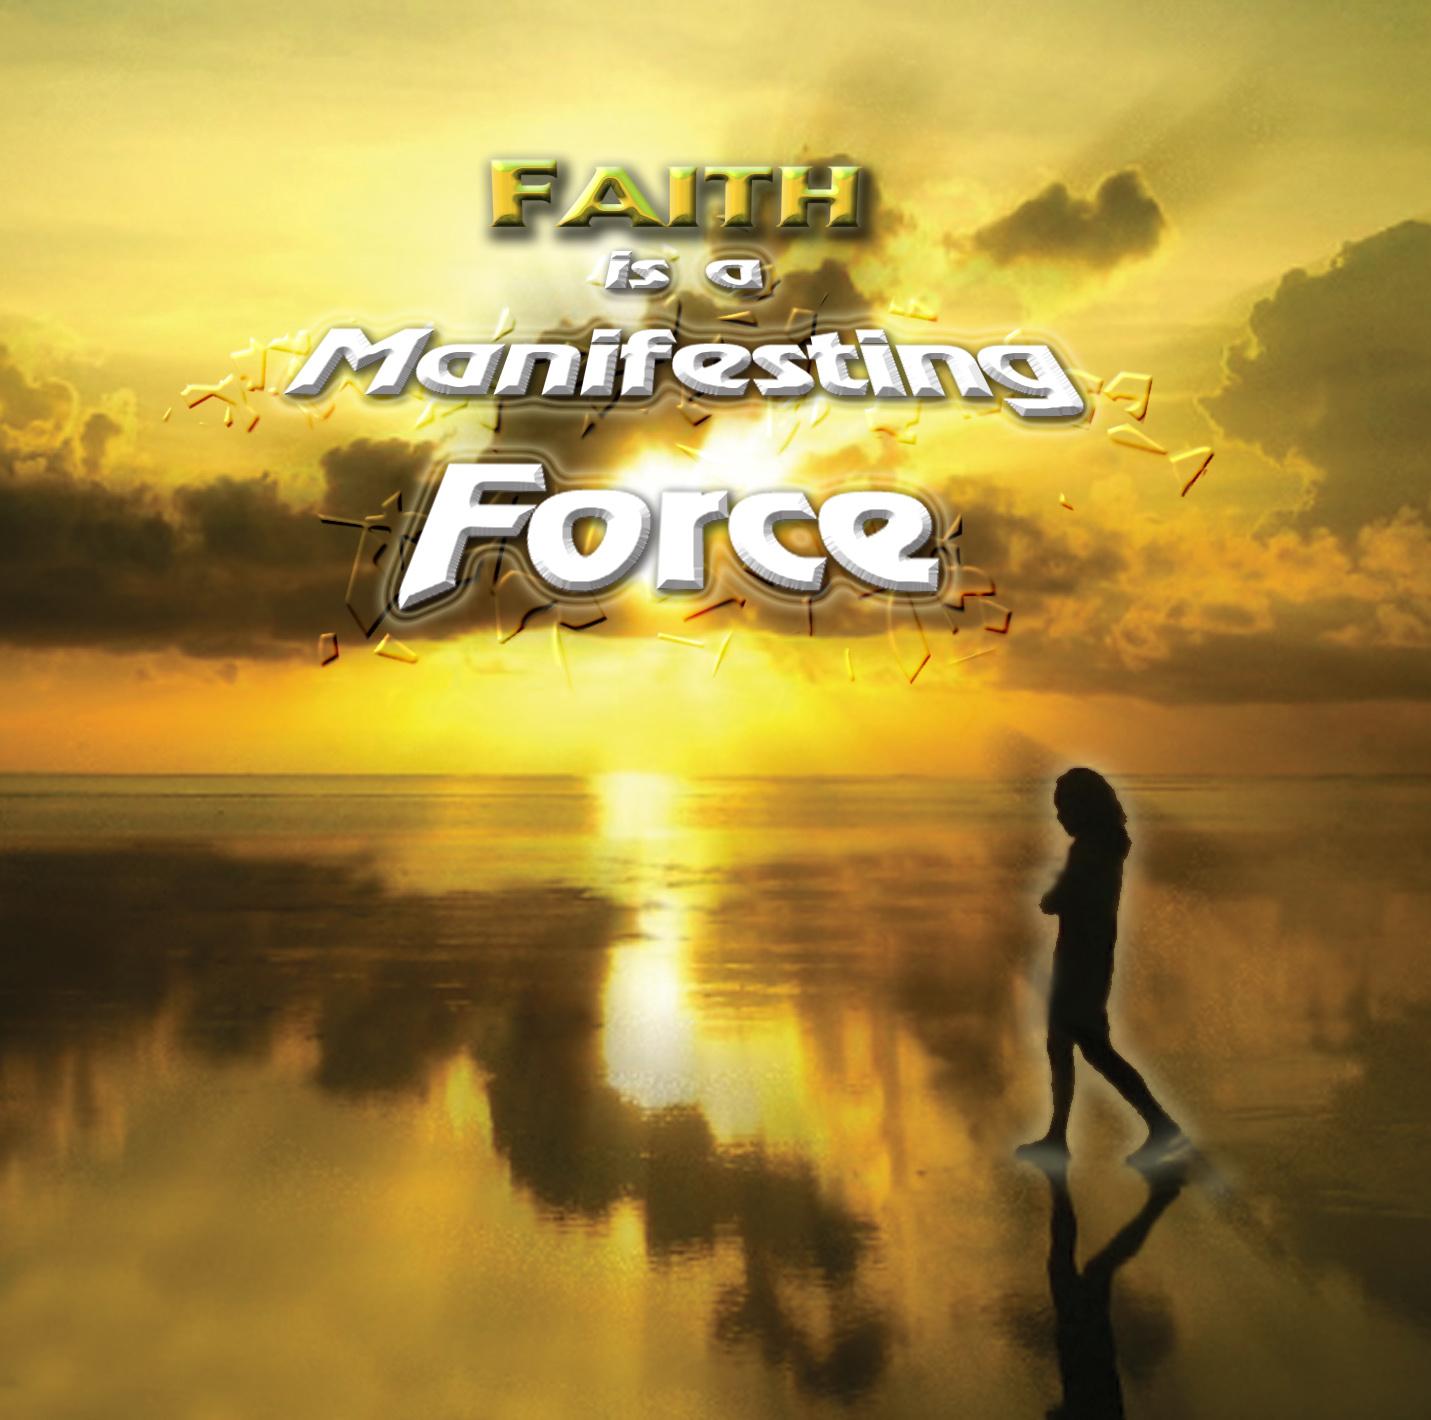 Faith- A Manifesting Force